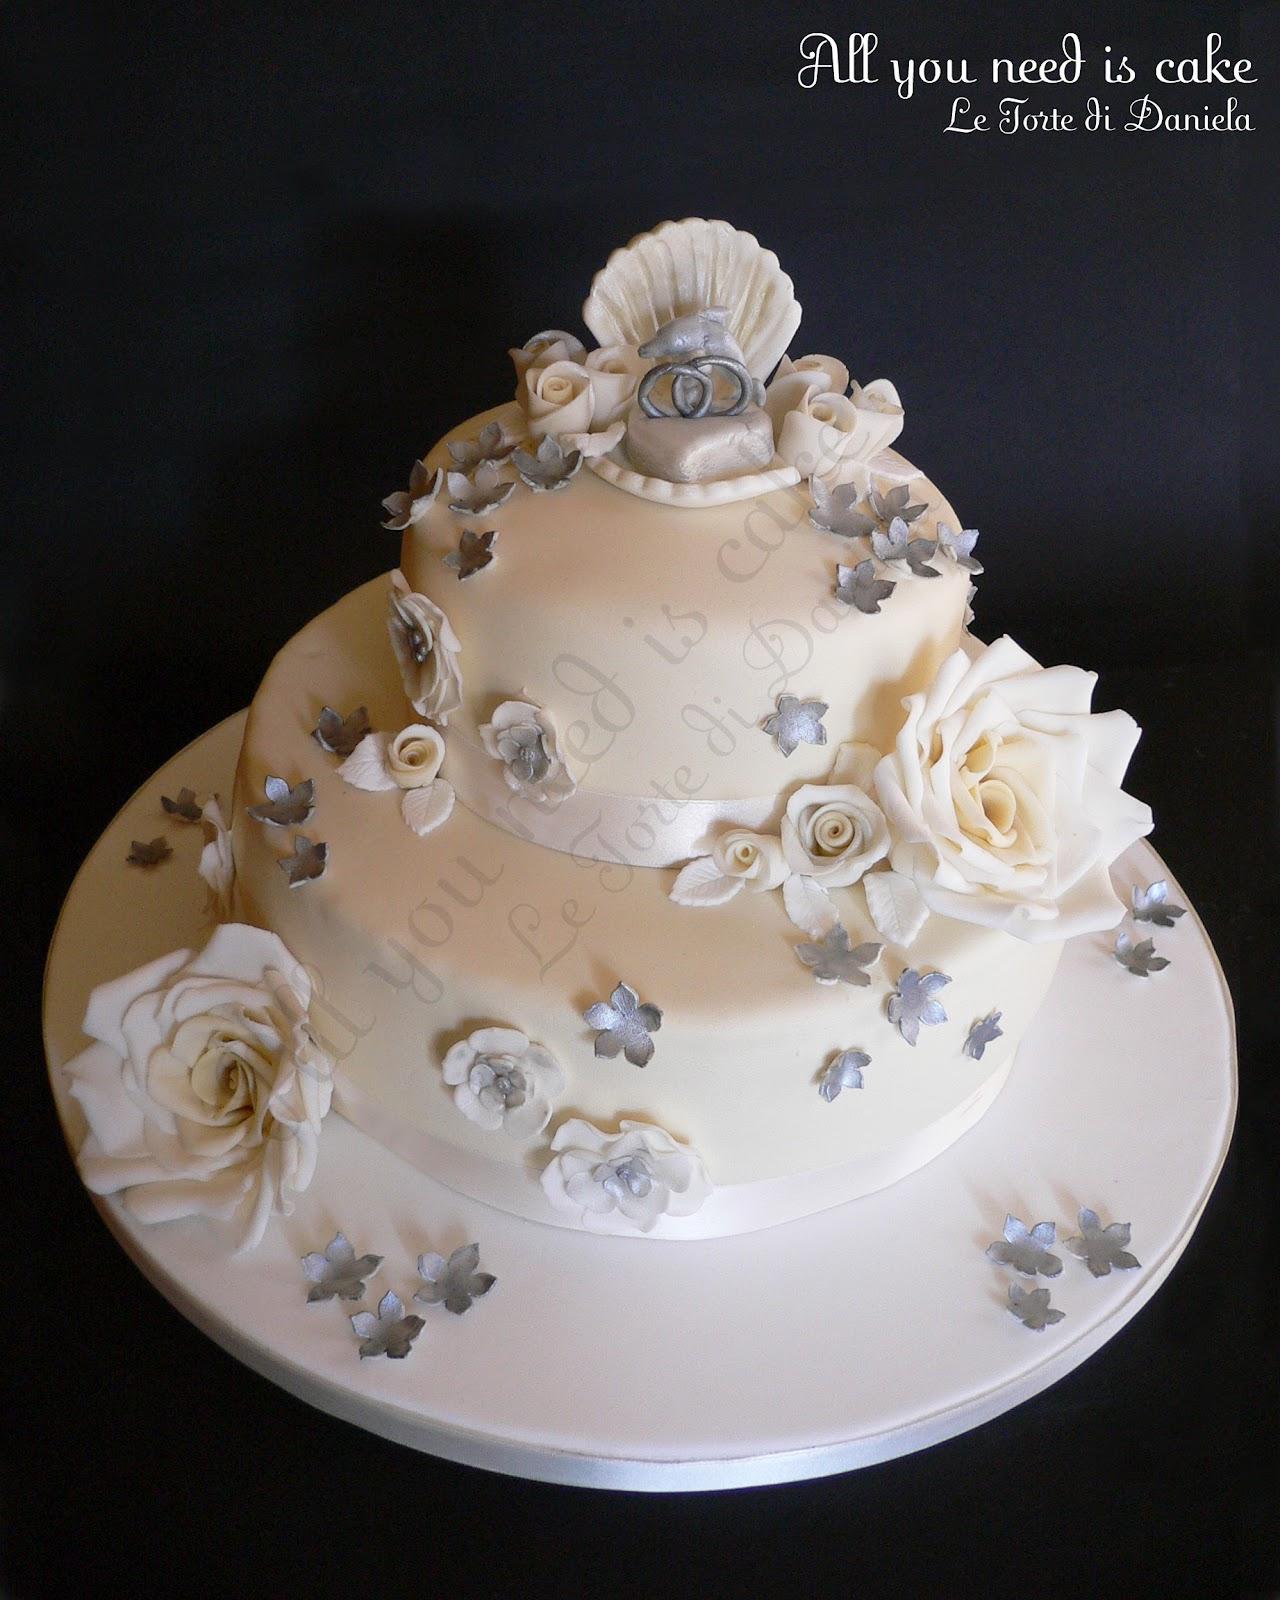 Molto All you need is cake - Le torte di Daniela: 25 Anni di Matrimonio  ZL17